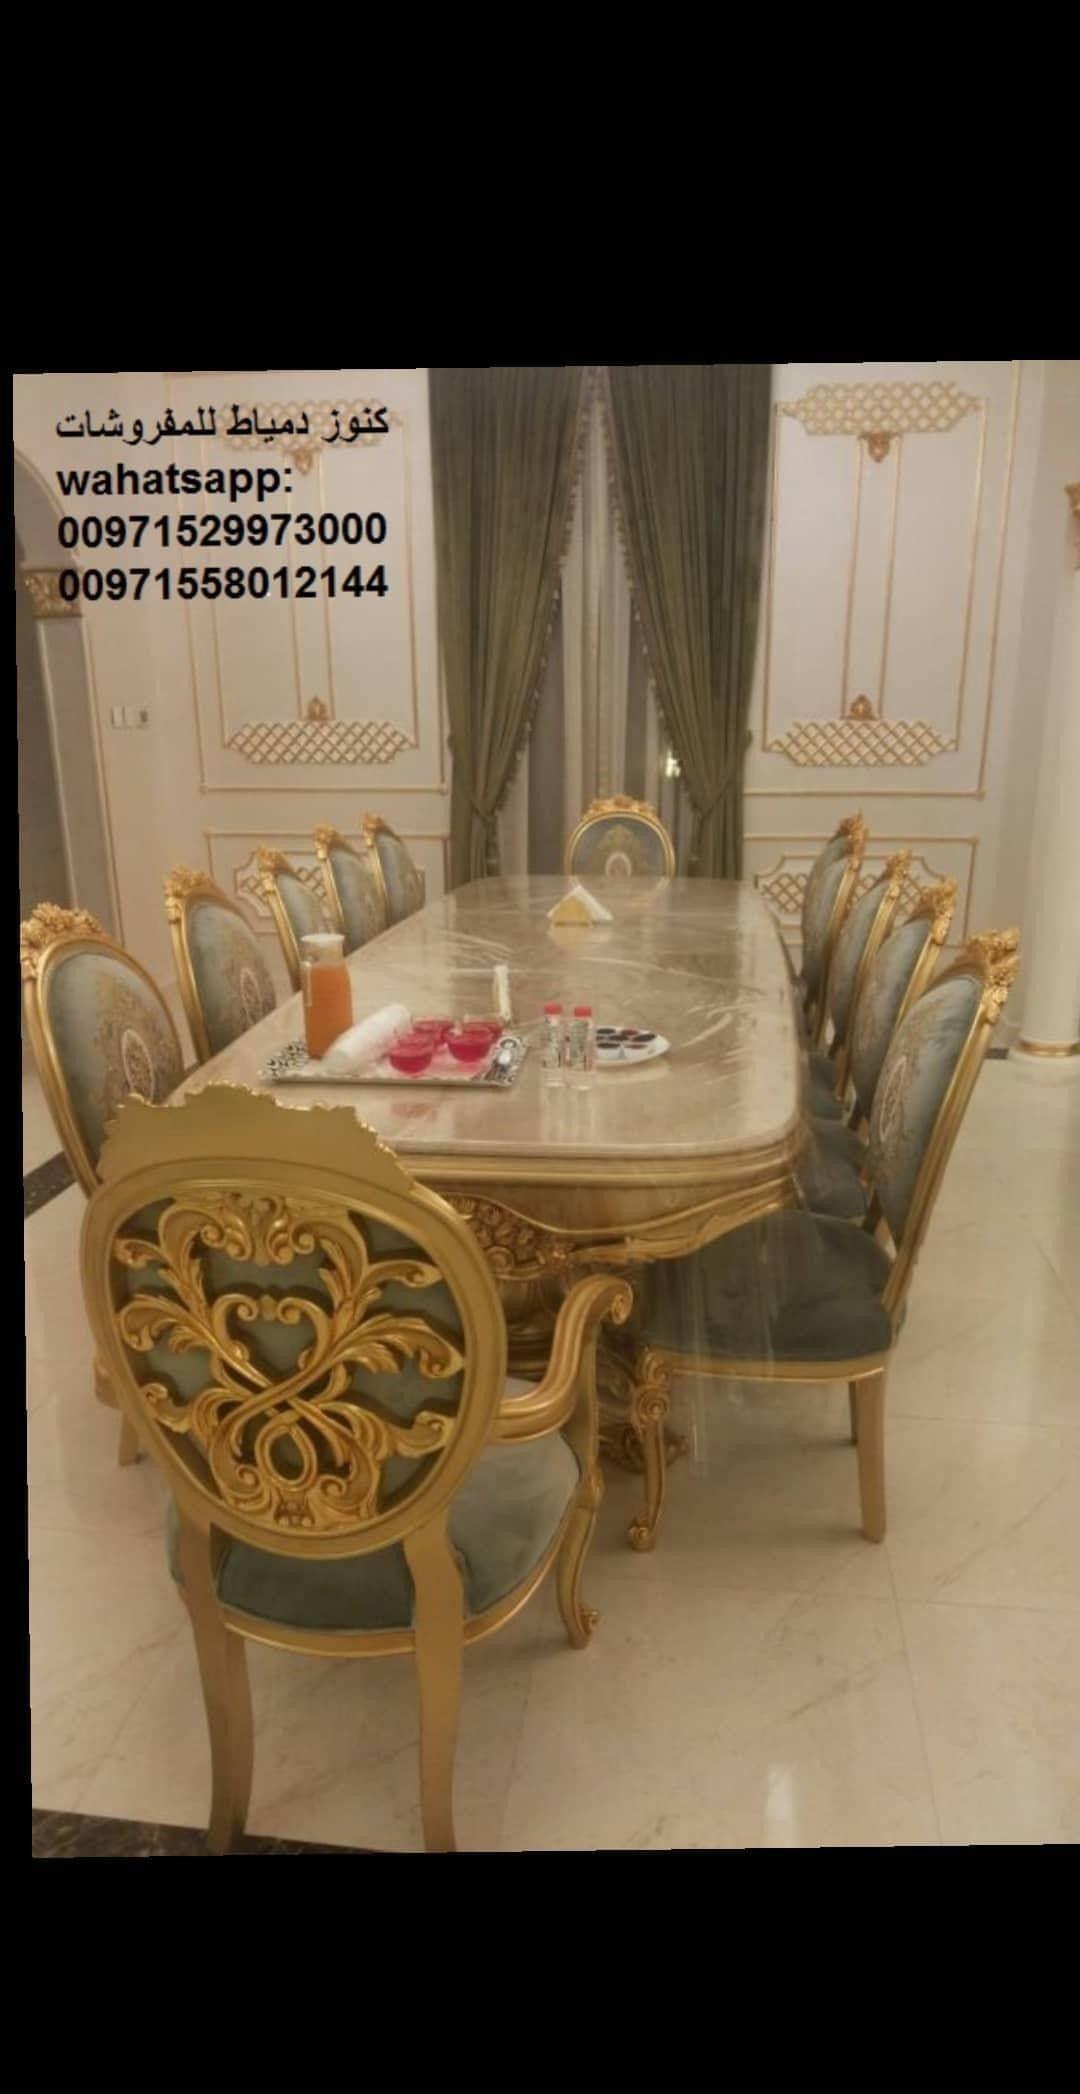 ديكور اثاث مودرن اثاث كلاسيك ديزاين ديكورات منزلية اثاث مصرى اثاث عصرى تصنيع اثاث كنب ك Luxury Dining Room Decor Gold Dining Room Beautiful Living Rooms Decor